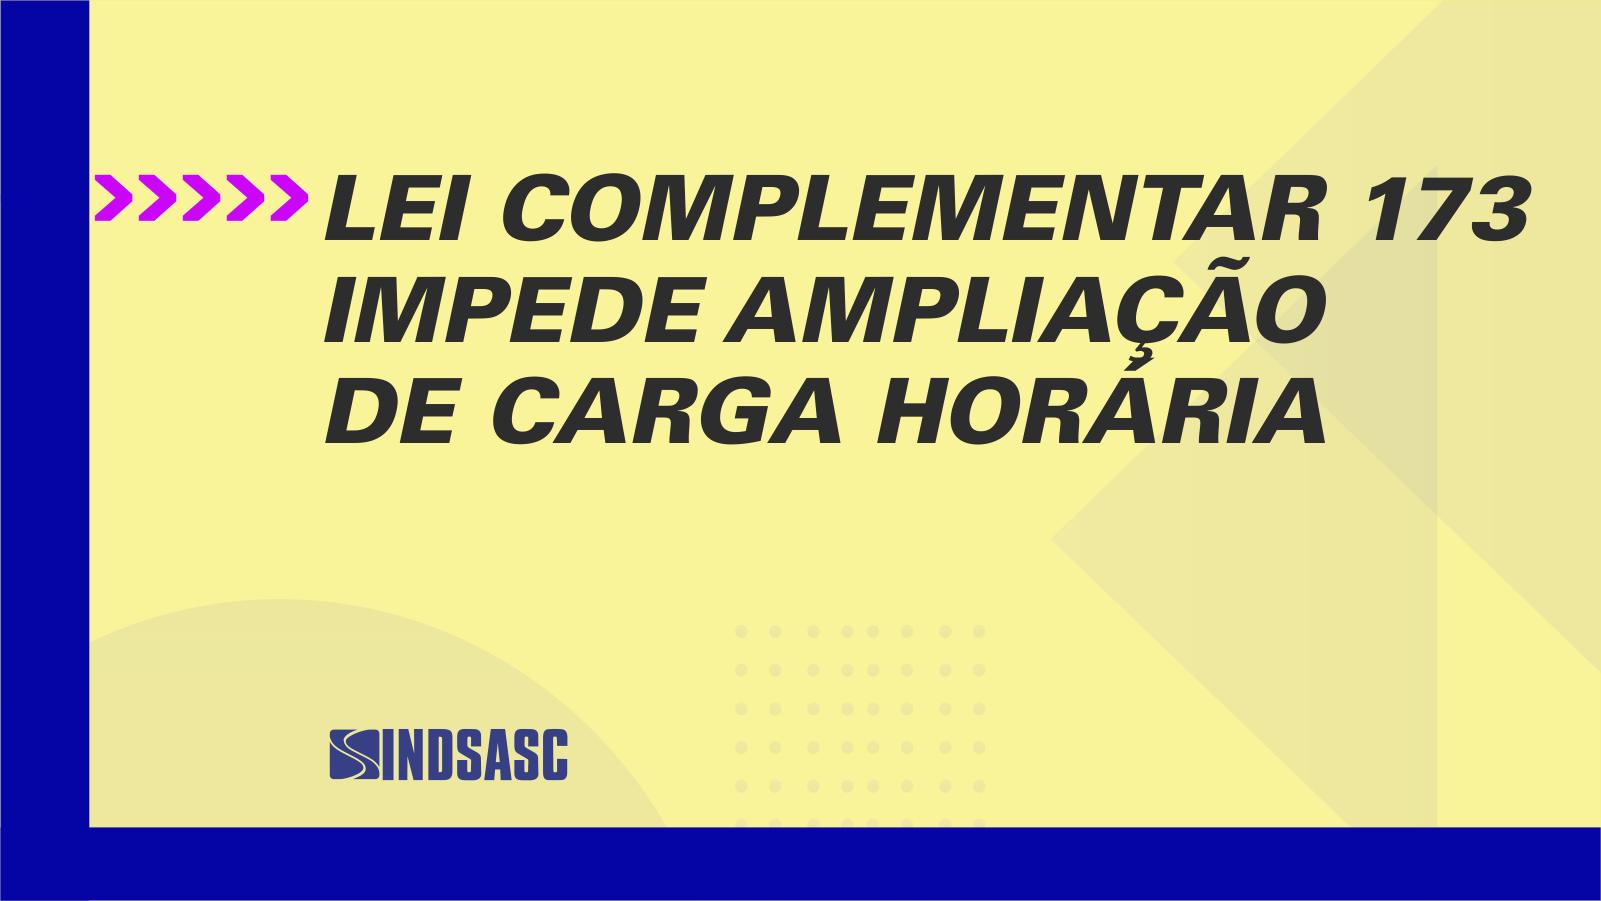 Lei complementar 173 impede ampliação de carga horária